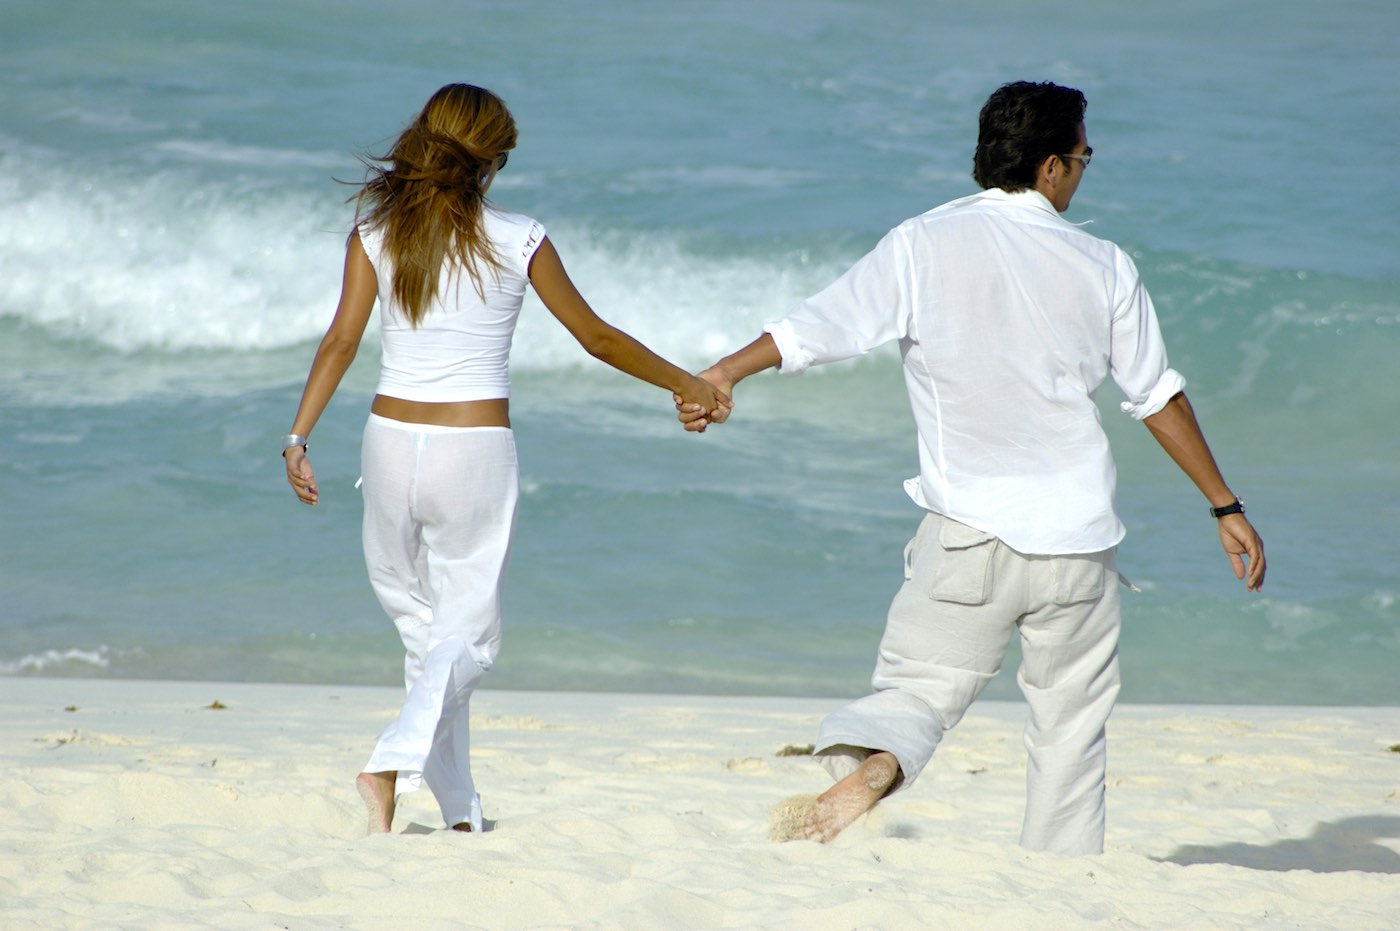 Pareja joven caminando por la playa con ropa de lino.